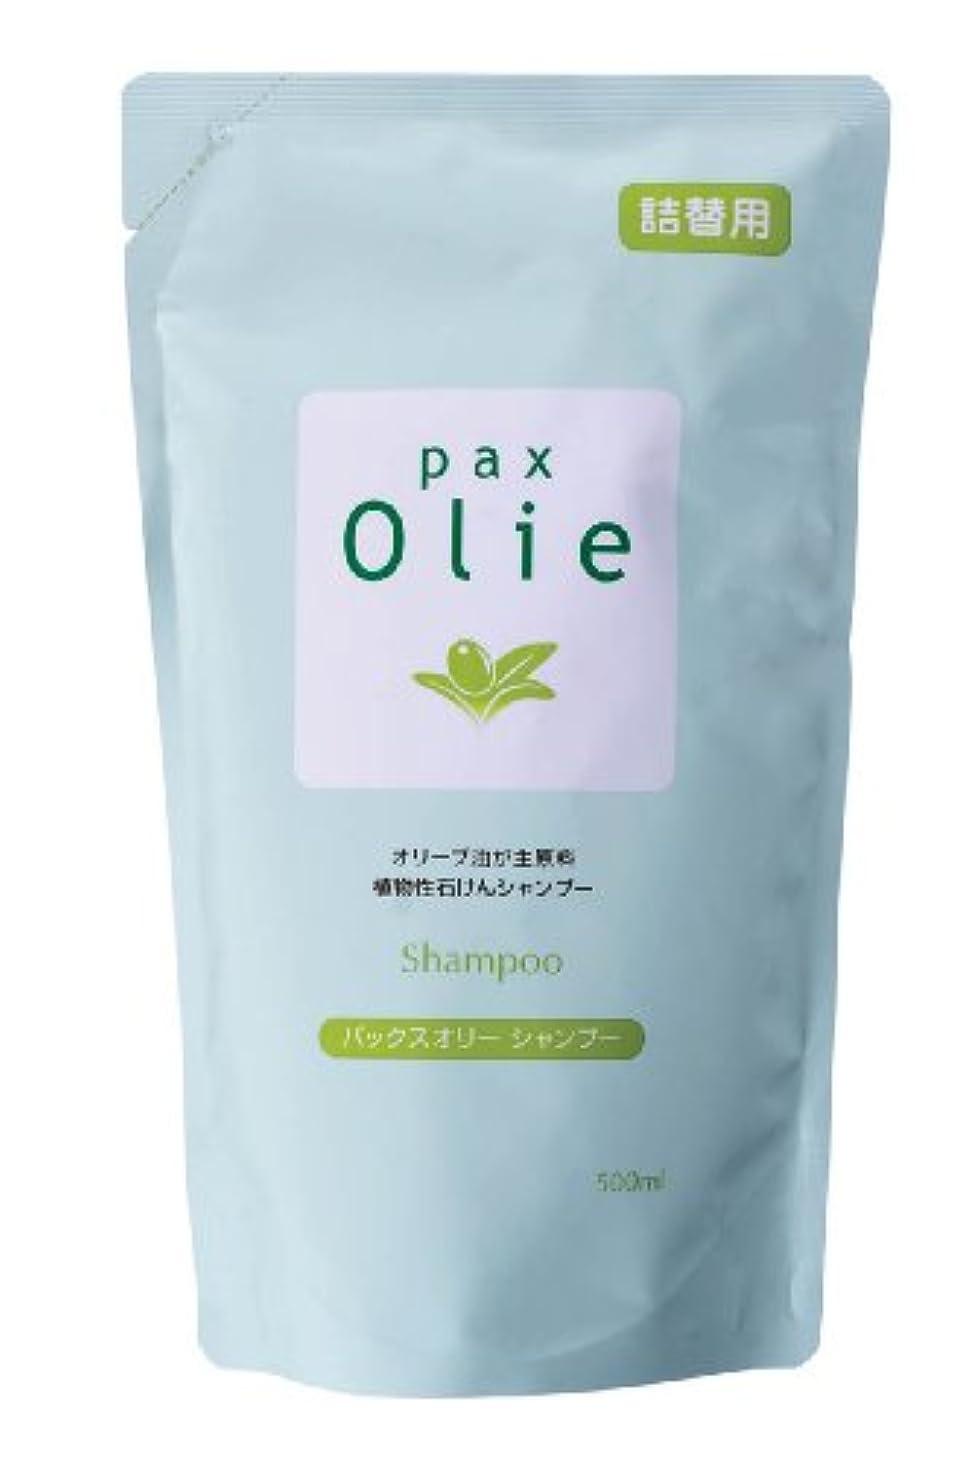 子供っぽいガジュマル恋人PAX Olie(パックスオリー) パックスオリー シャンプー 詰替用 500mL